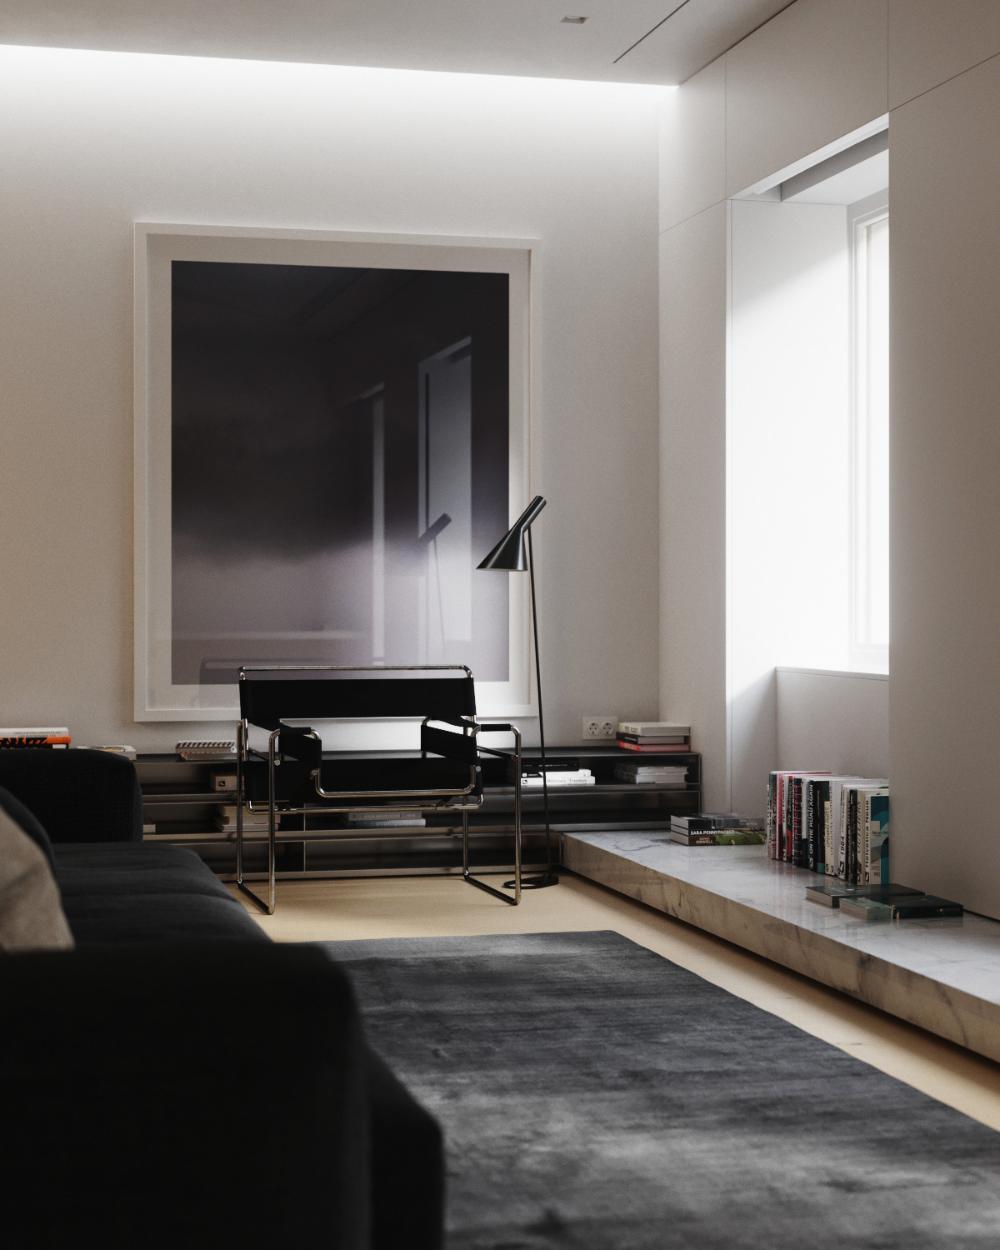 52fridaze In 2020 Interior Interior Design Interior Spaces